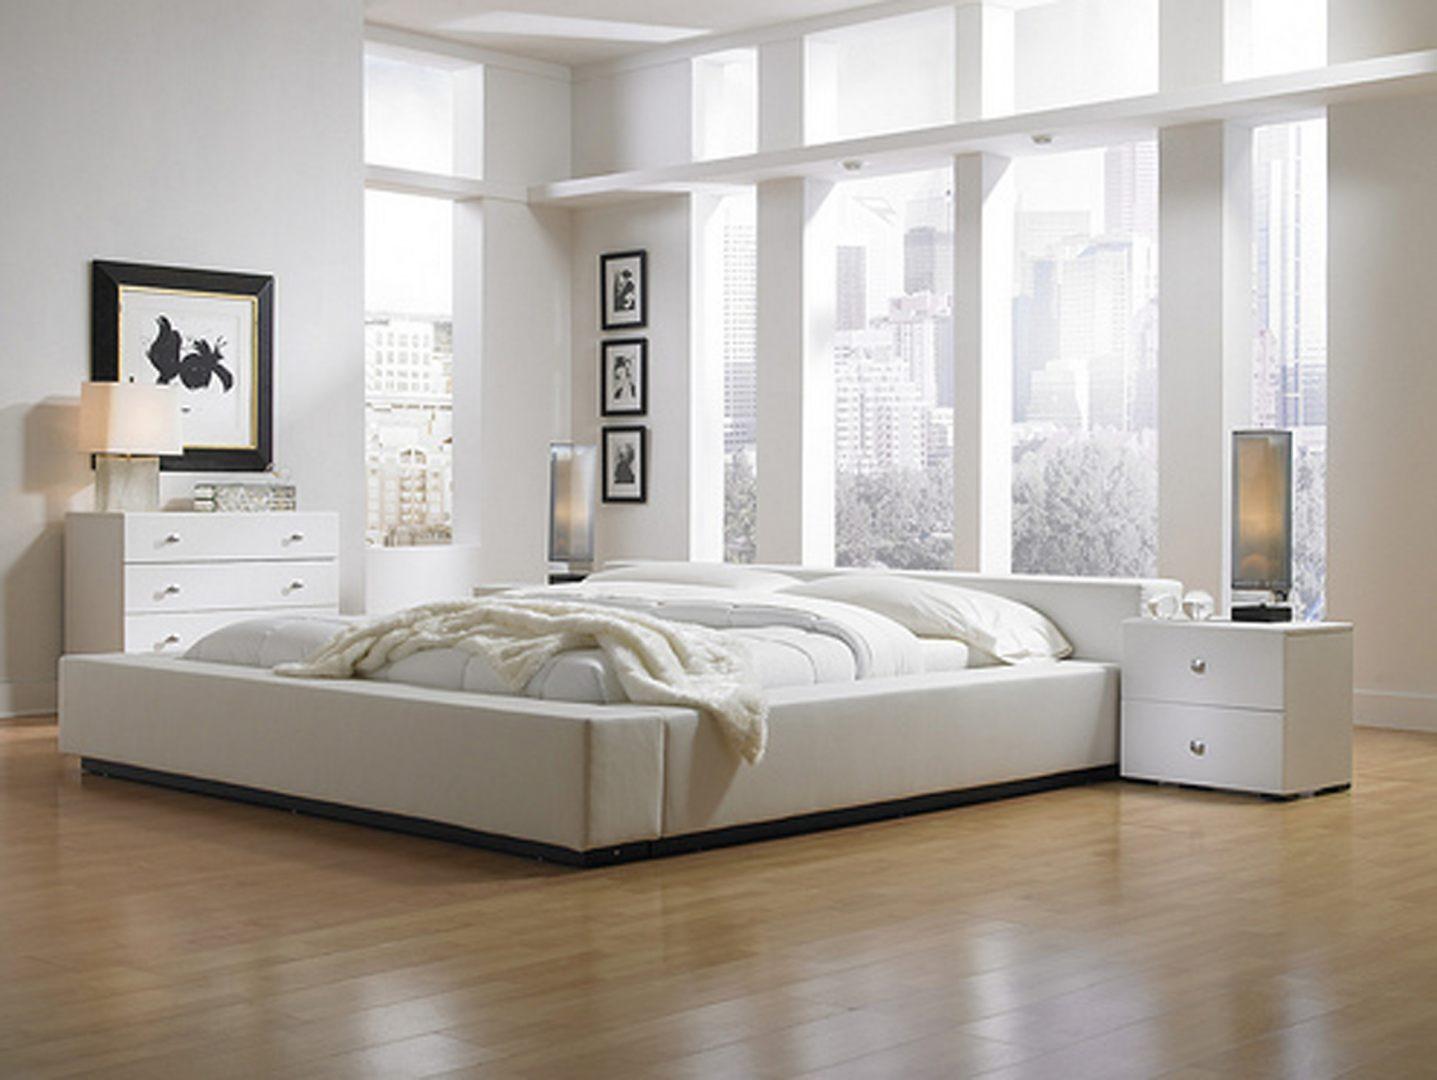 Muebles Habitacion - Muebles Para Habitaciones Im Genes Y Fotos[mjhdah]http://www.cerilene.com/i/2017/09/muebles-dormitorio-juvenil-compactos-habitacion-segunda-mano-zaragoza-ikea-para-habitaciones-pequenas.jpg